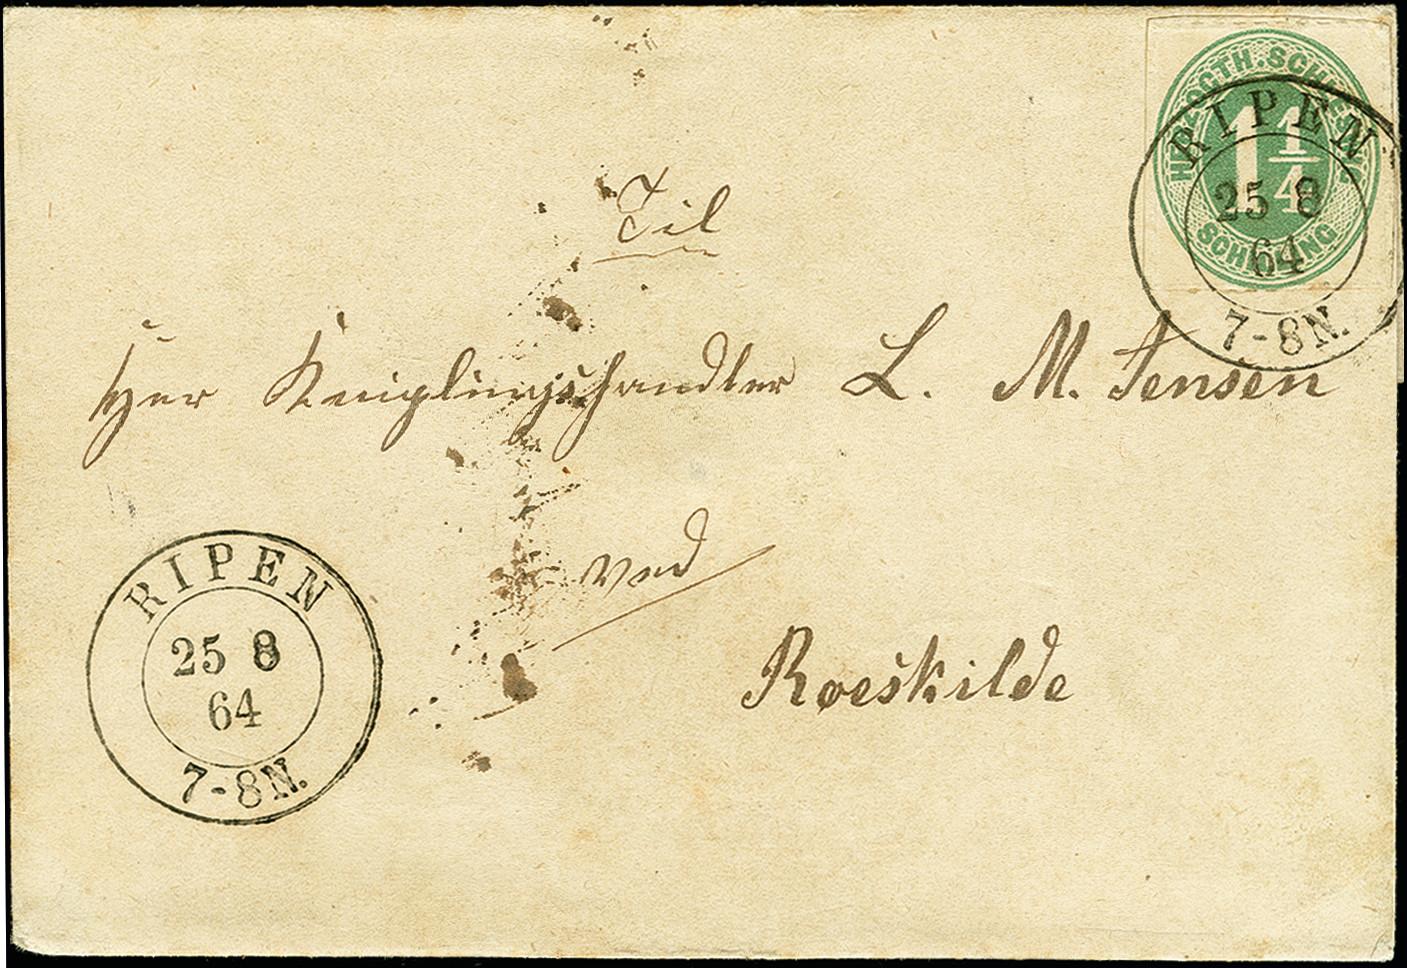 Lot 9146 - Altdeutsche Staaten schleswig-holstein -  Heinrich Koehler Auktionen 375rd Heinrich Köhler auction - Day 5